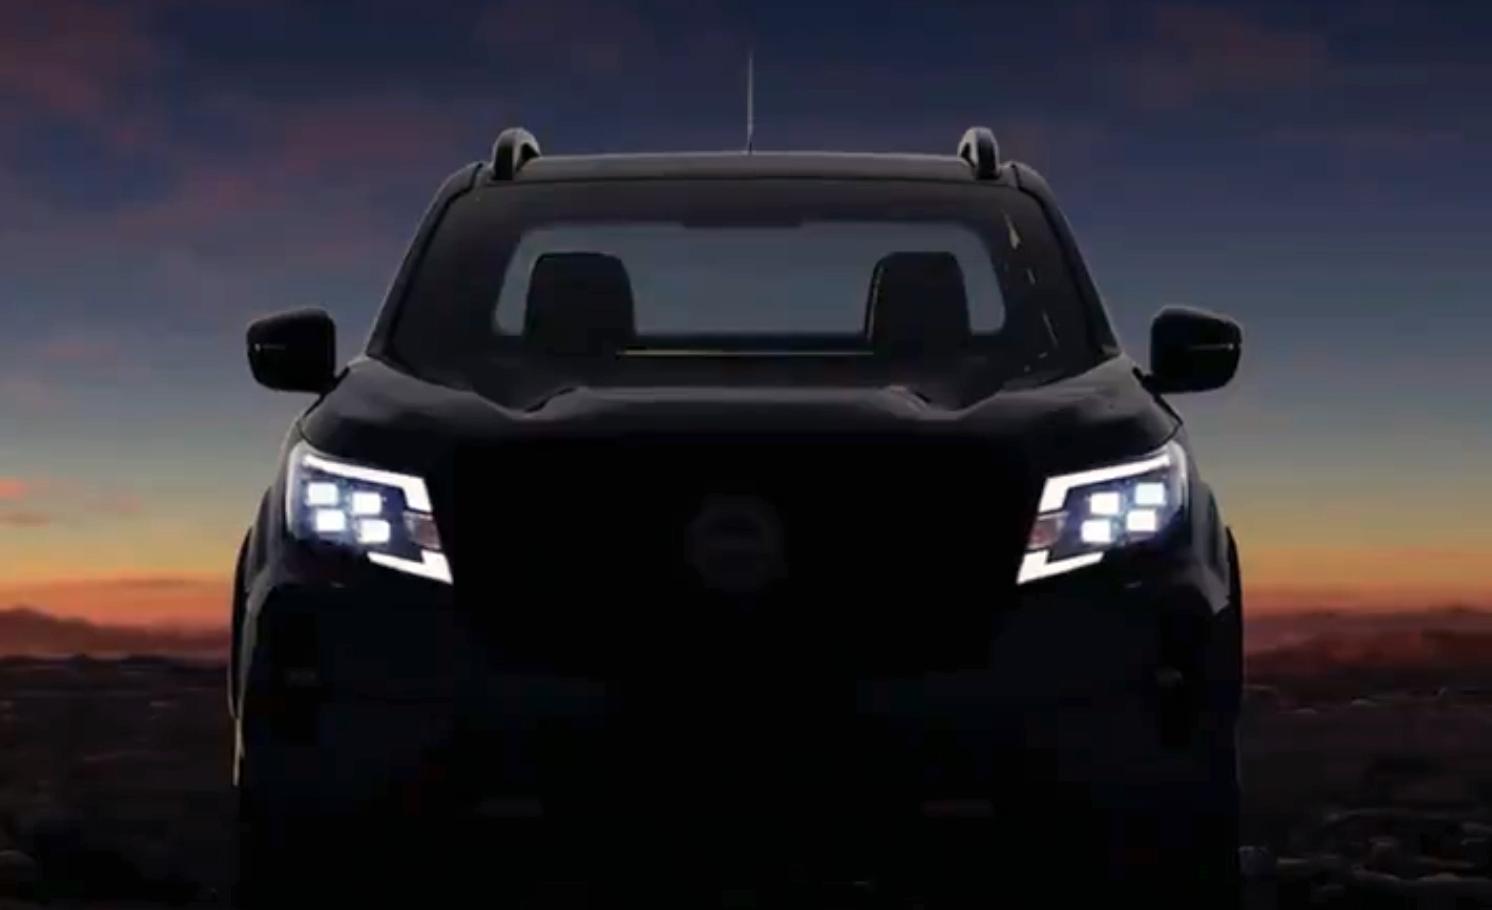 Фирма Nissan поделилась роликом, посвящённым истории пикапа Navara (или Frontier): в конце видео продемонстрирован рестайлинговый грузовичок, который представят 5 ноября.